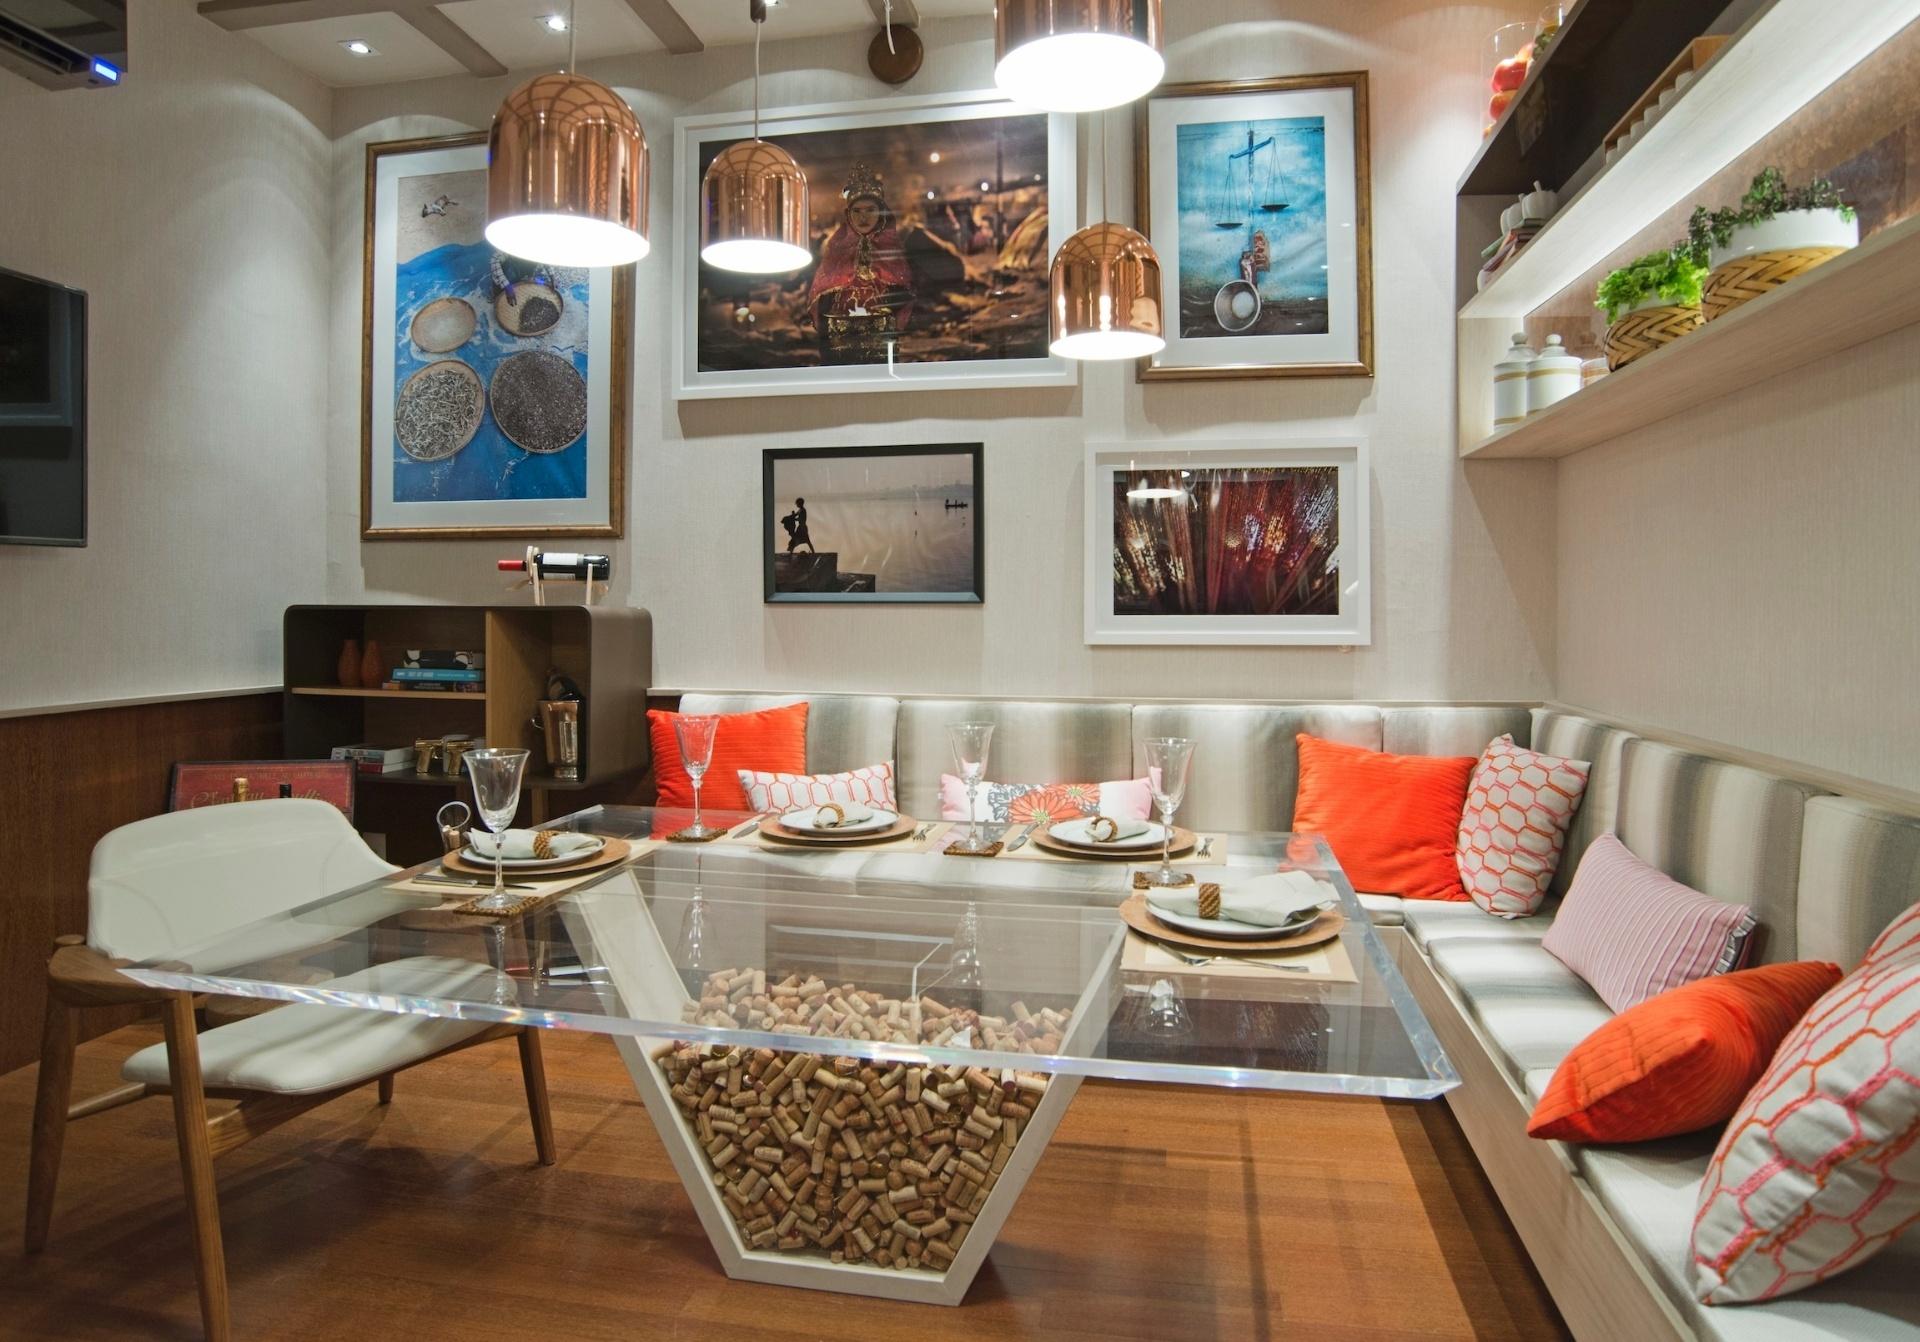 A Sala de Almoço é integrada à Cozinha (foto 11) e ambos os ambientes são projetos assinados por Naiana Lima e Priscilla Ximenes. Nesse espaço social, o sofá em L é combinado à mesa com estrutura de acrílico que